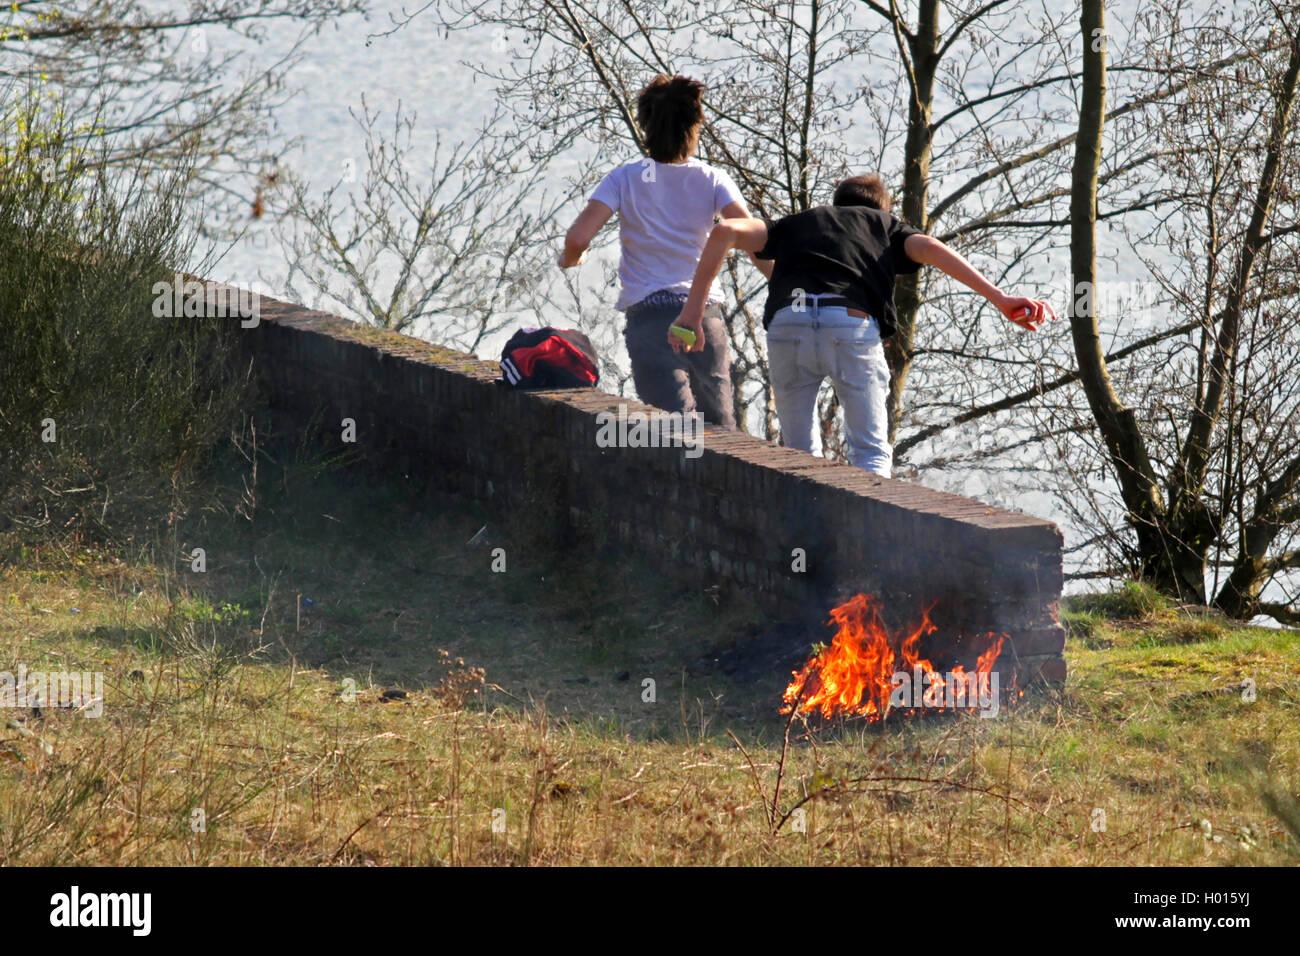 Jugendliche Entfachen Ein Feuer Und Ergreifen sterben Flucht, um Sich Einer Bestrafung Zu Entziehen, Deutschland Stockbild